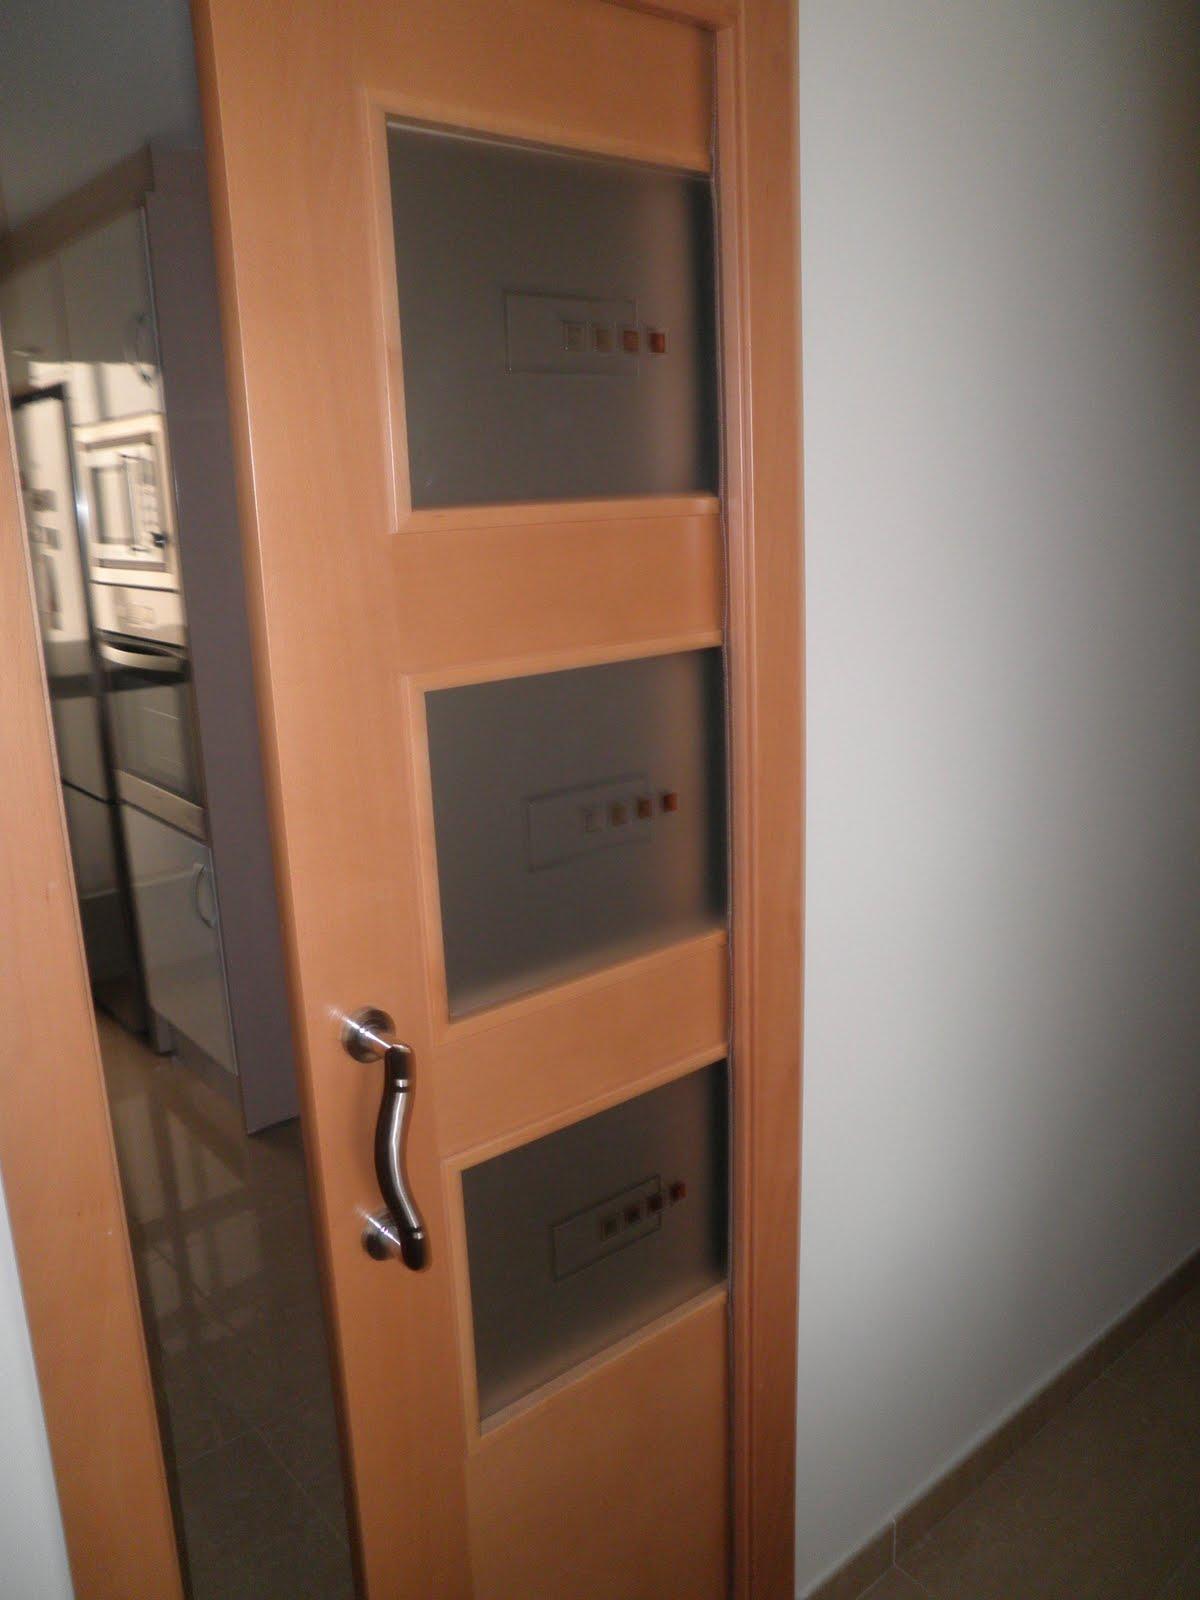 Decoraciones sahuquillo puertas haya mod h - Puertas de haya vaporizada ...